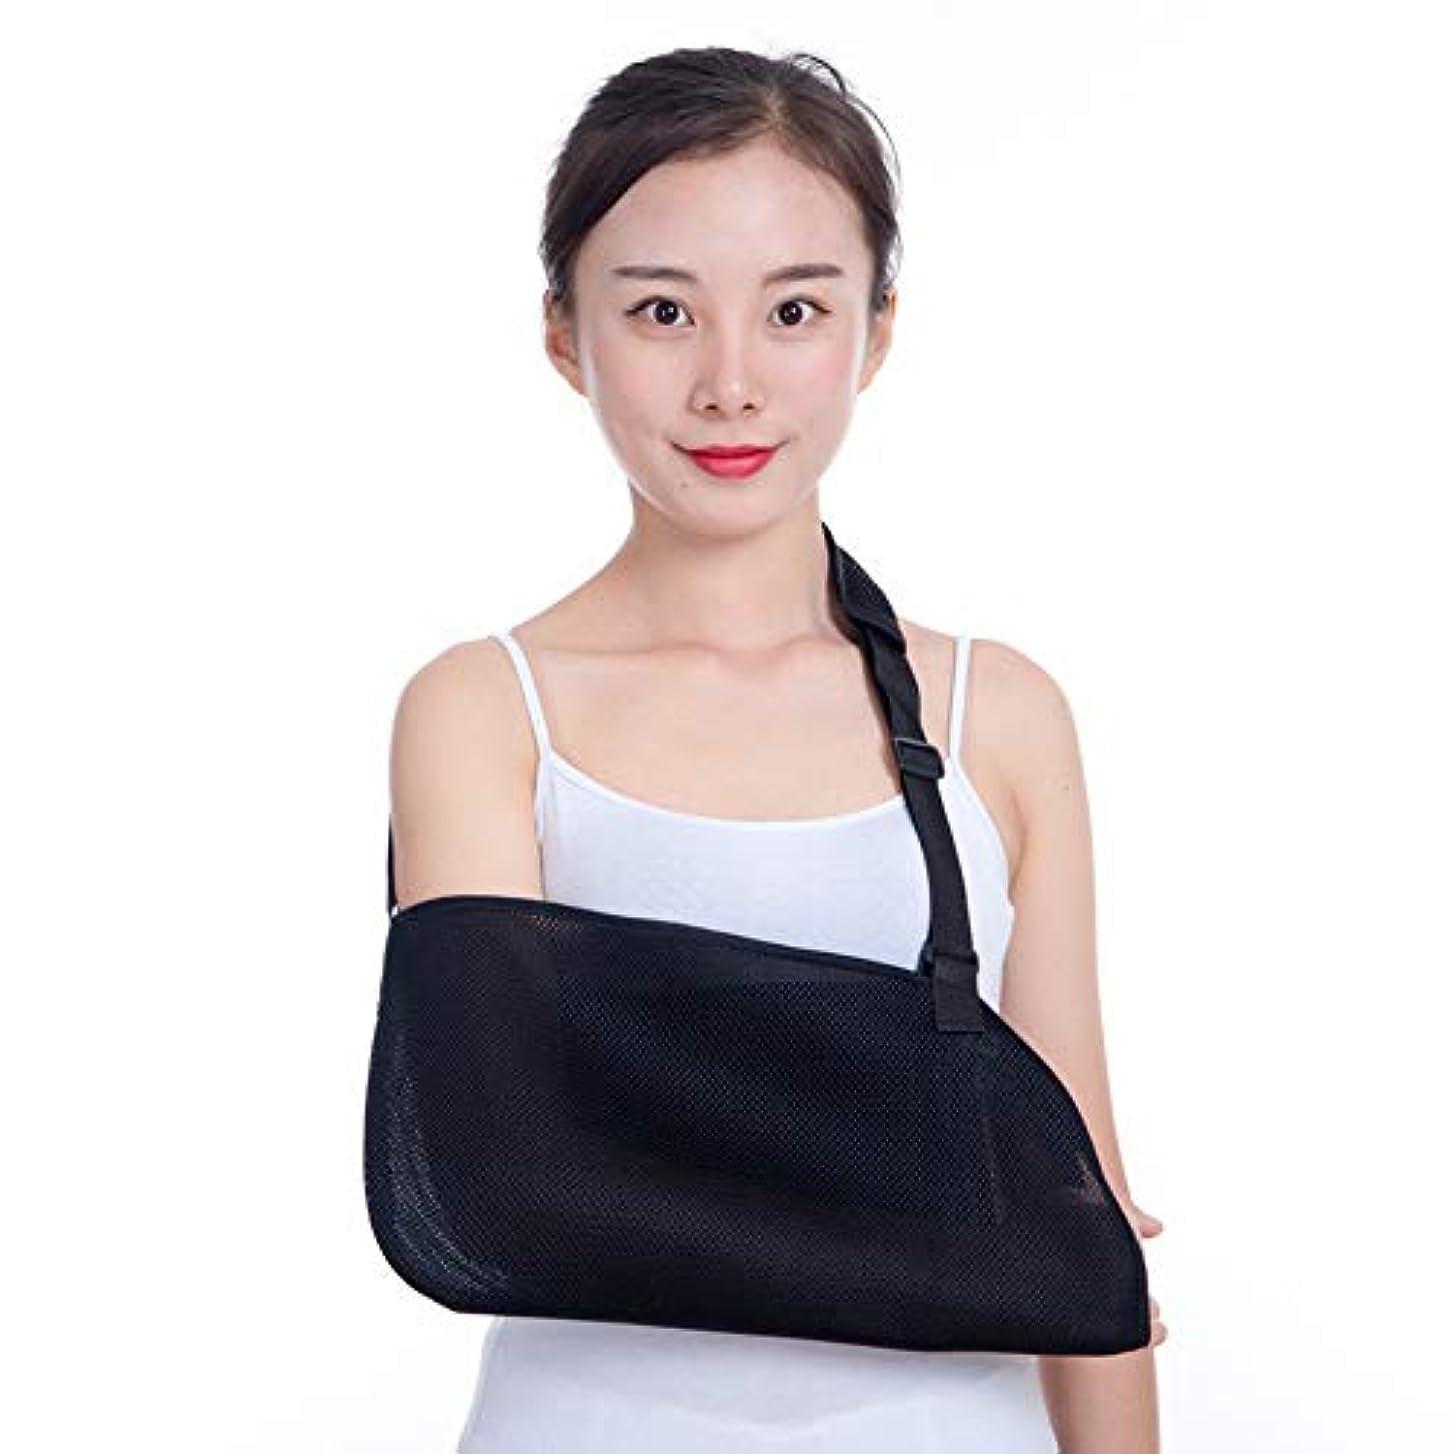 歩く報復するサミュエルメッシュアームサポートスリング、ショルダーイモビライザーブレース、通気性と軽量、肩、腕、肘、回旋腱板の痛みを完全に調整可能